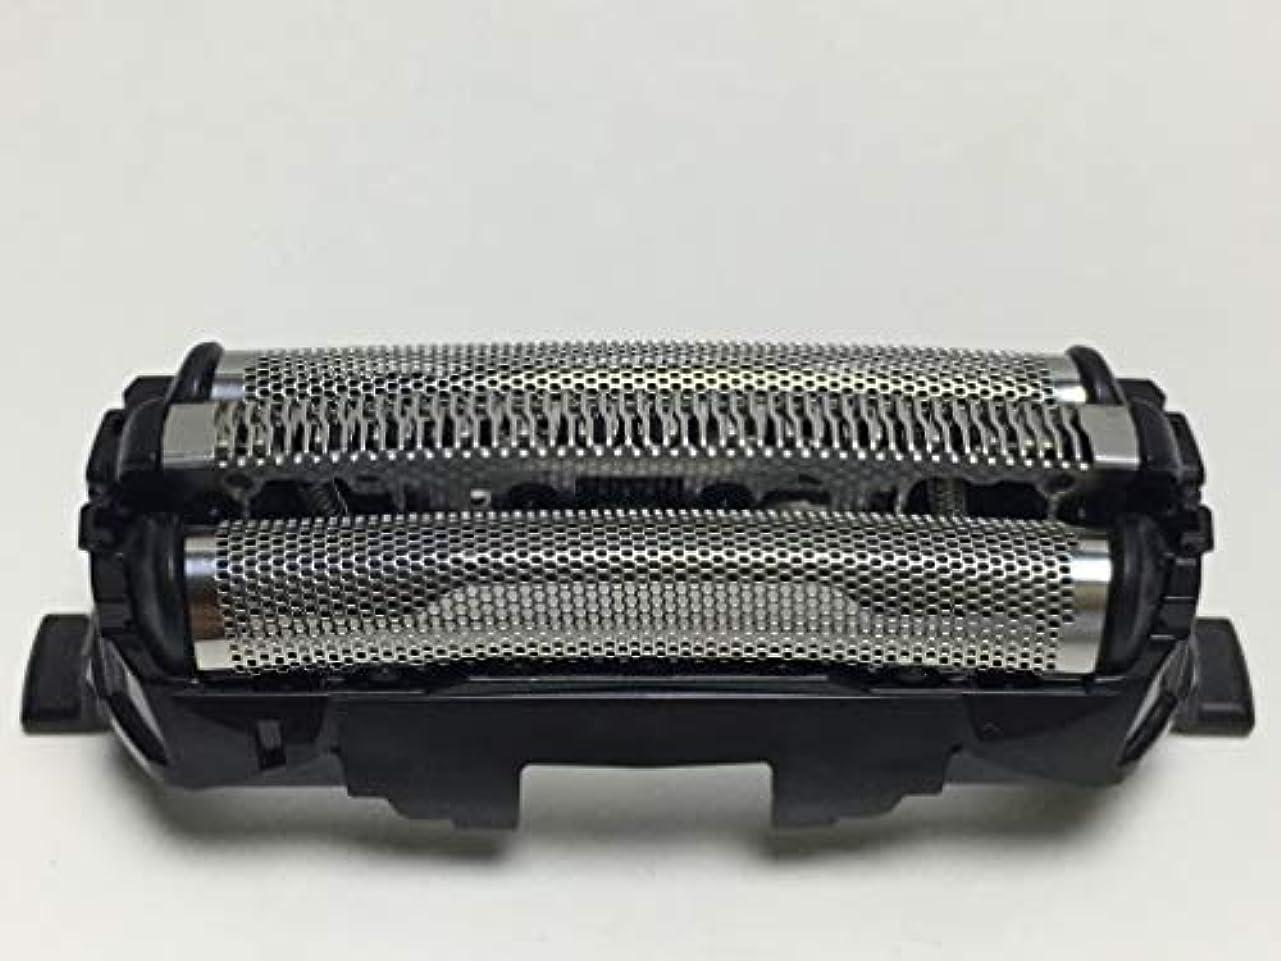 卒業記念アルバム月曜ヒゲ剃刀ヘッドブレードネット パナソニック PANASONIC ES-RT33 ES-SL31 ES-RT34 ES-RT36 ES-RT37 ES-RT47 交換用外箔 Shaver Razor head Outer Foil